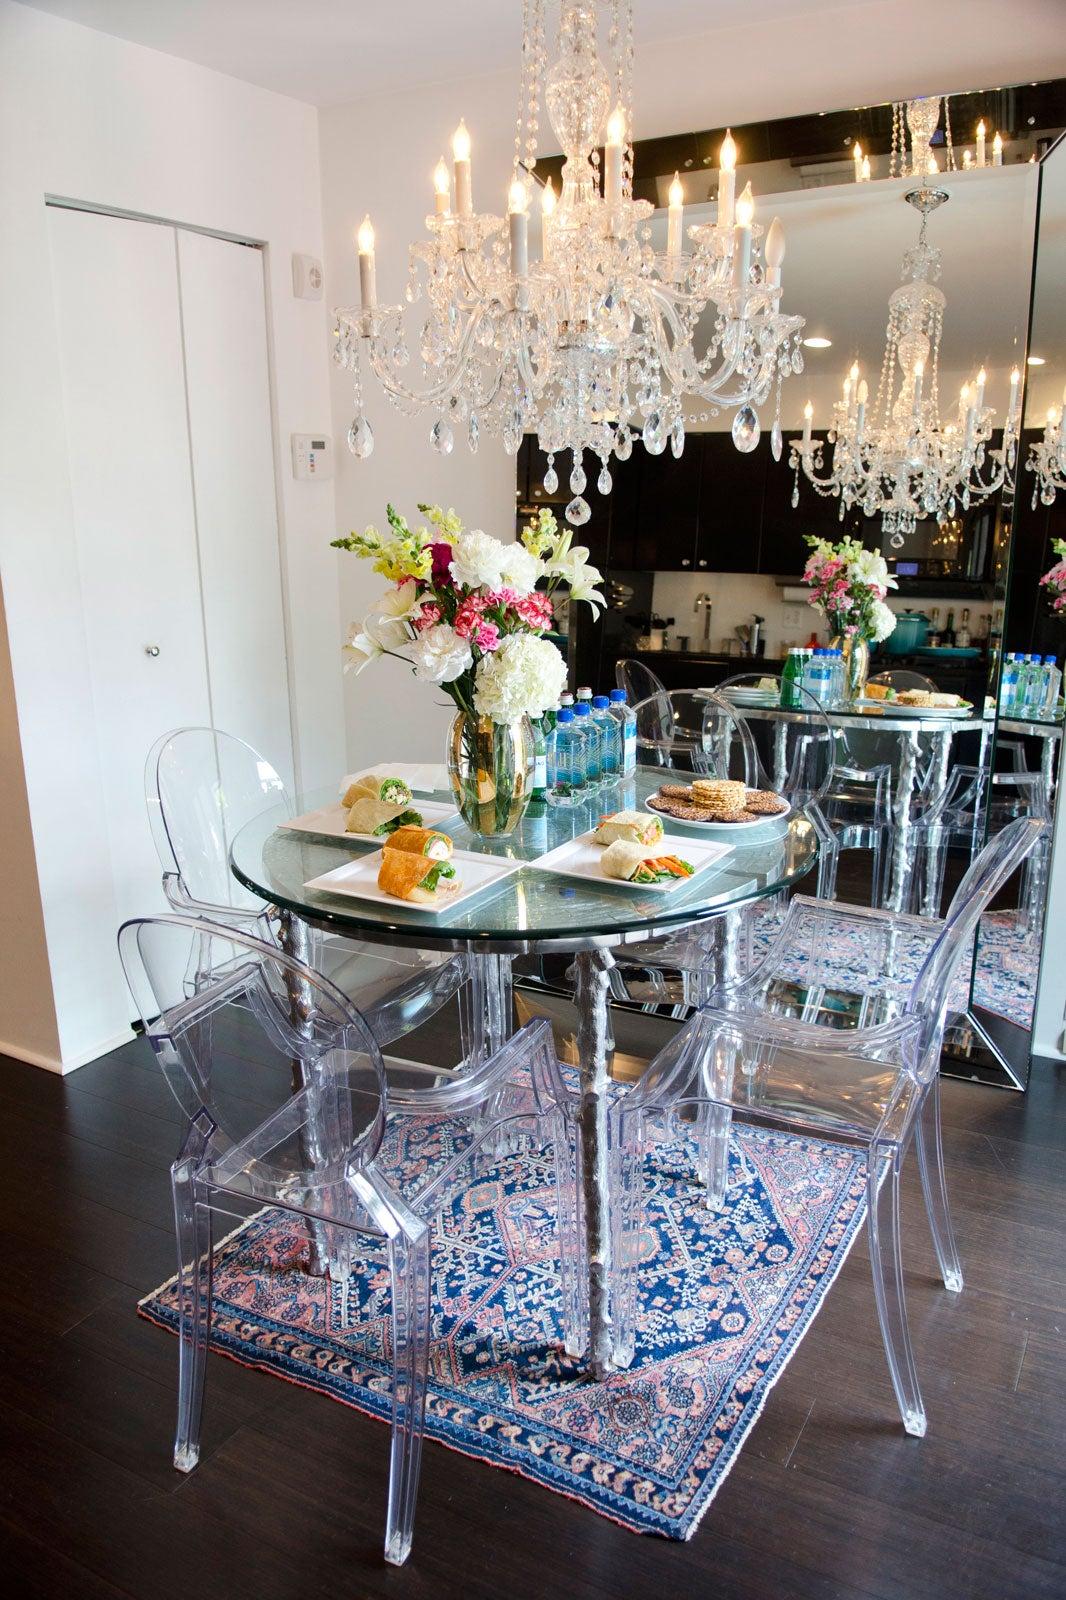 ghost chairs dining room | Aureta Thomollari Interview - Aureta's Blog Quotes Pics